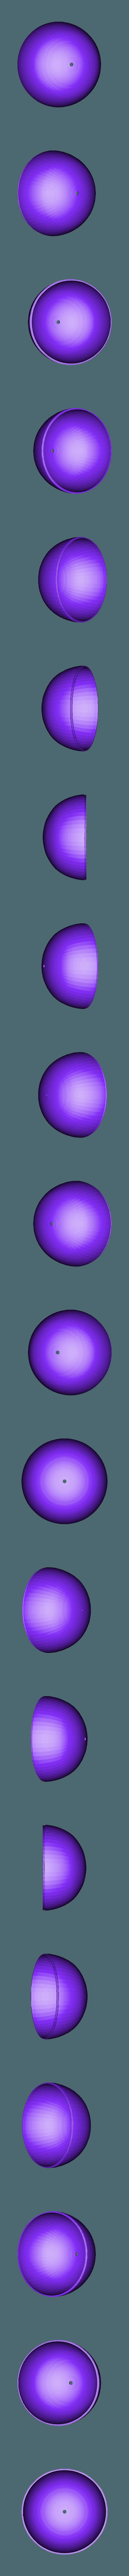 Light_Bulb_Lamp_V3.1_B.stl Download free STL file Light_Bulb Lamp V3.1 • 3D printable object, Pipapelaa